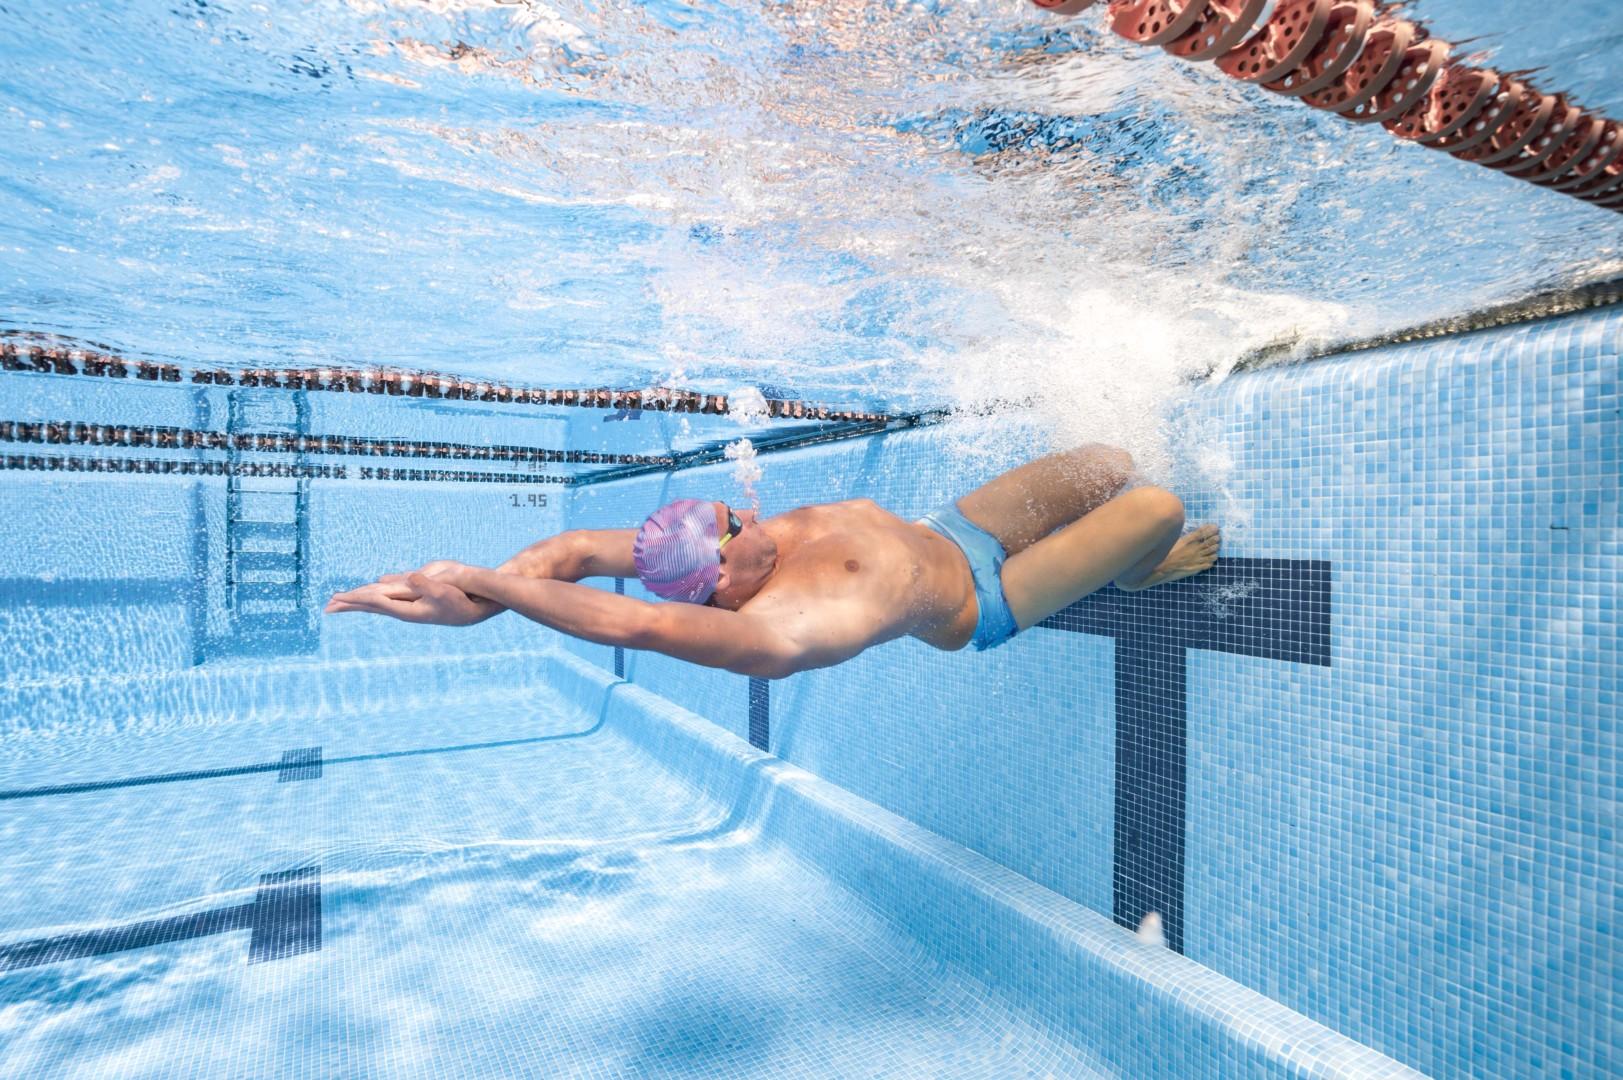 Hogyan segít az úszás a fogyásban?